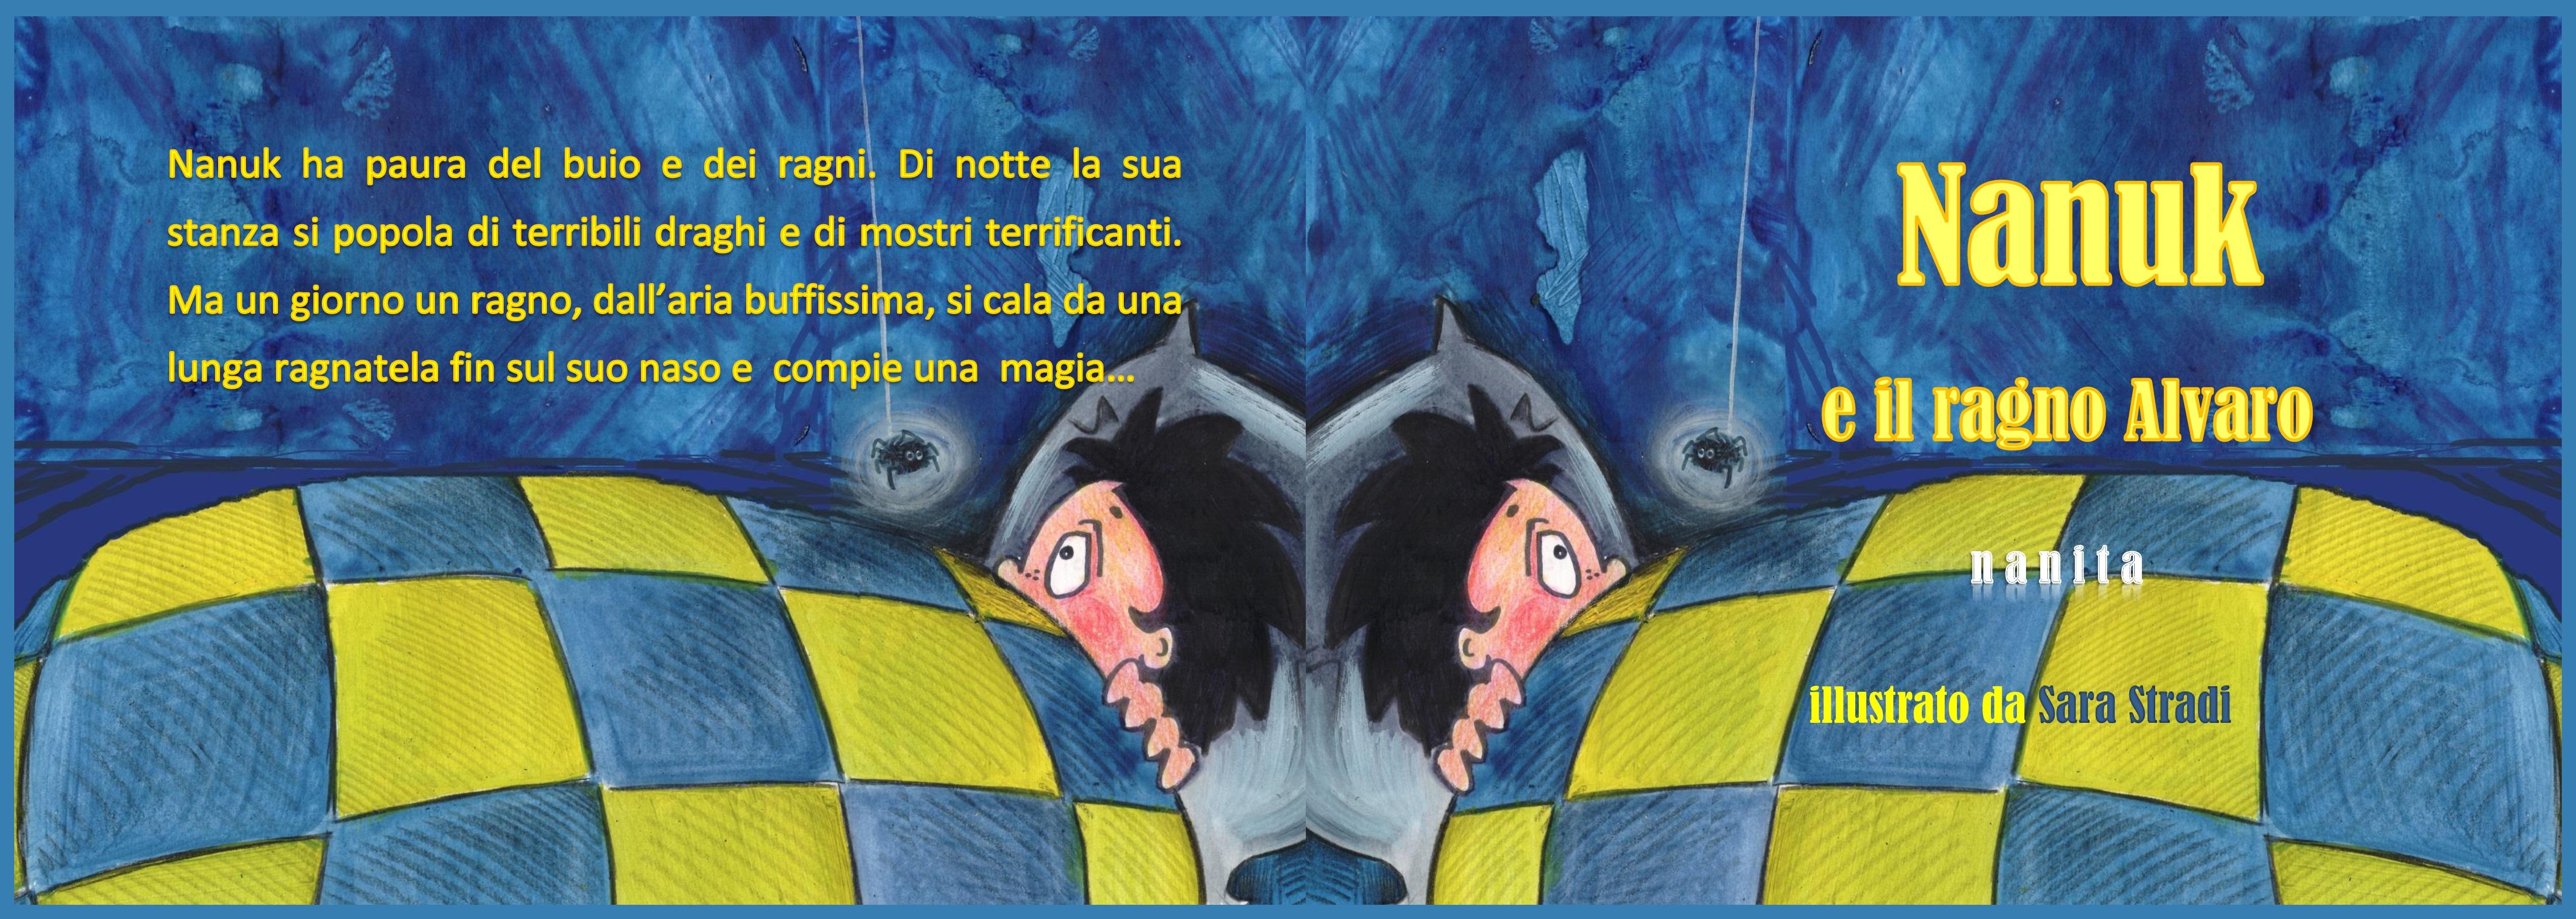 nanuk e il ragno Alvaro- prova di stampa_001 - Copia